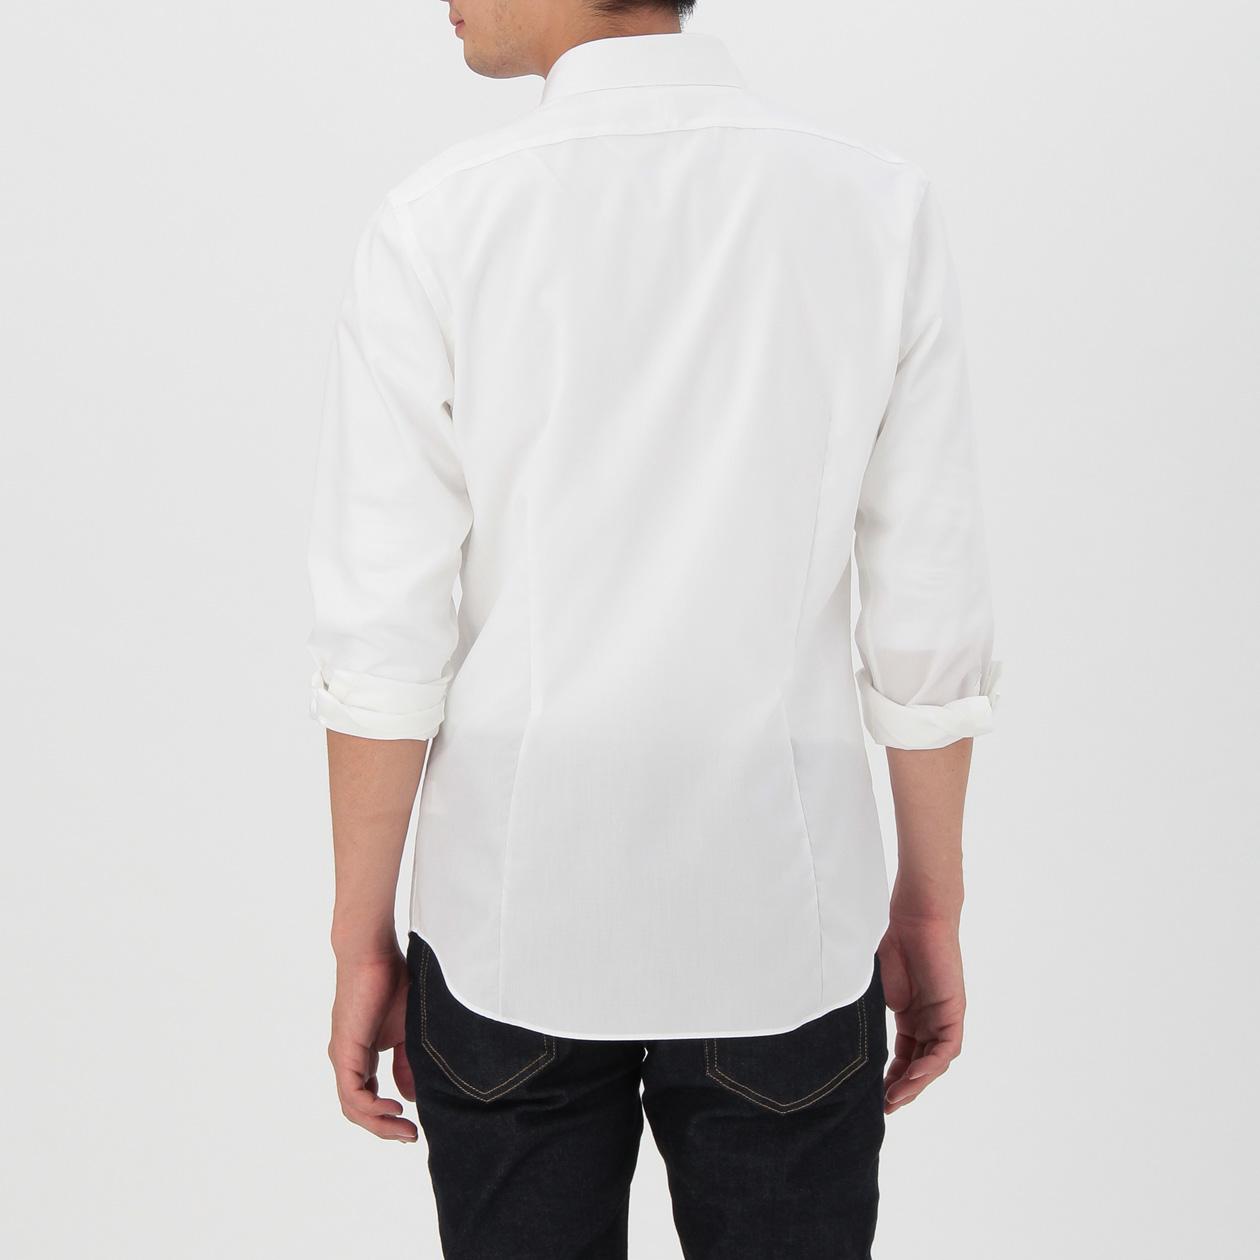 無印の白シャツ